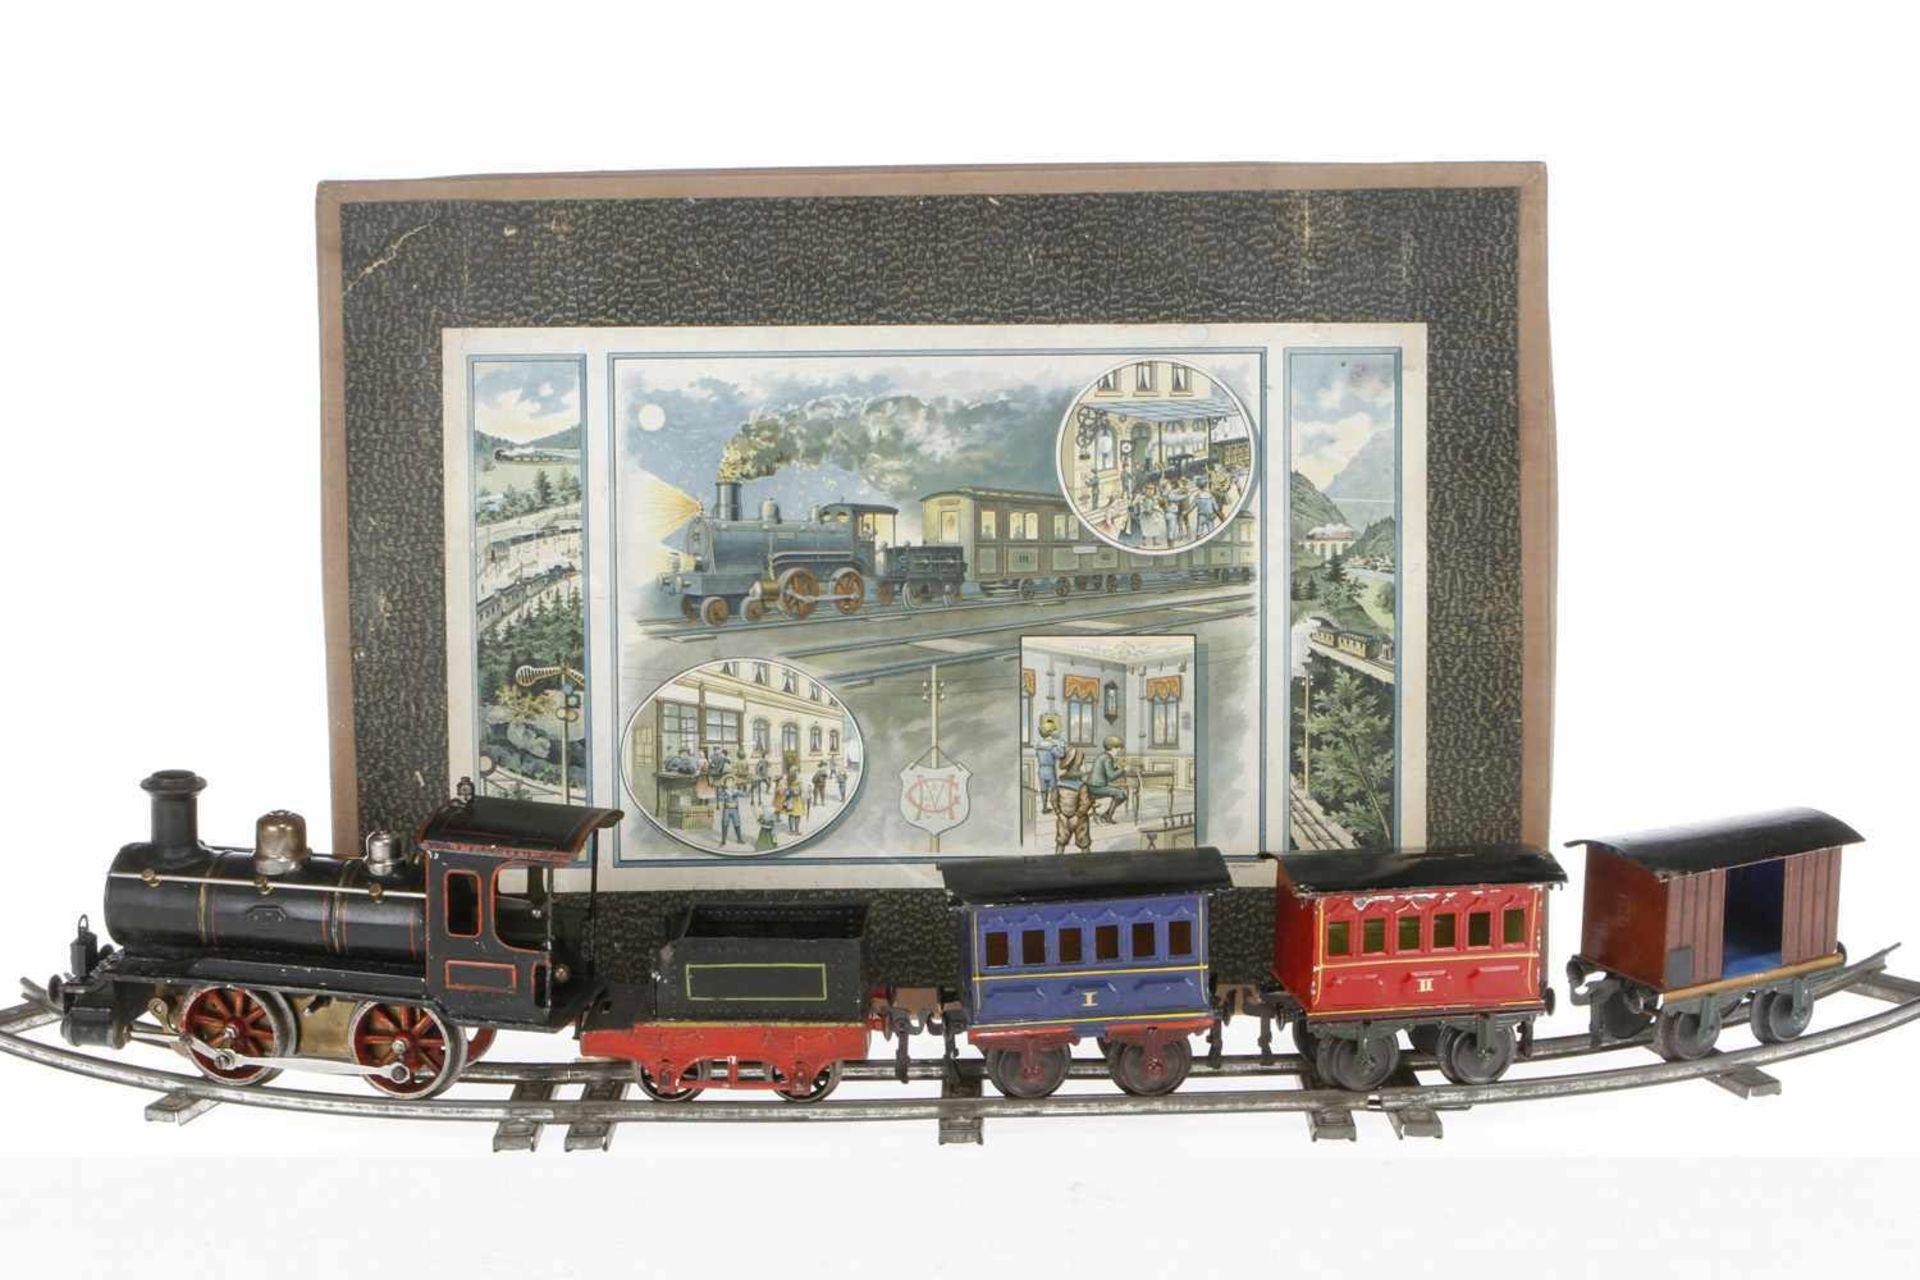 Märklin Zugpackung, S 1, uralt, Uhrwerk intakt, HL, mit B-Dampflok 1021, Tender, 2 imit. Stirnlampen